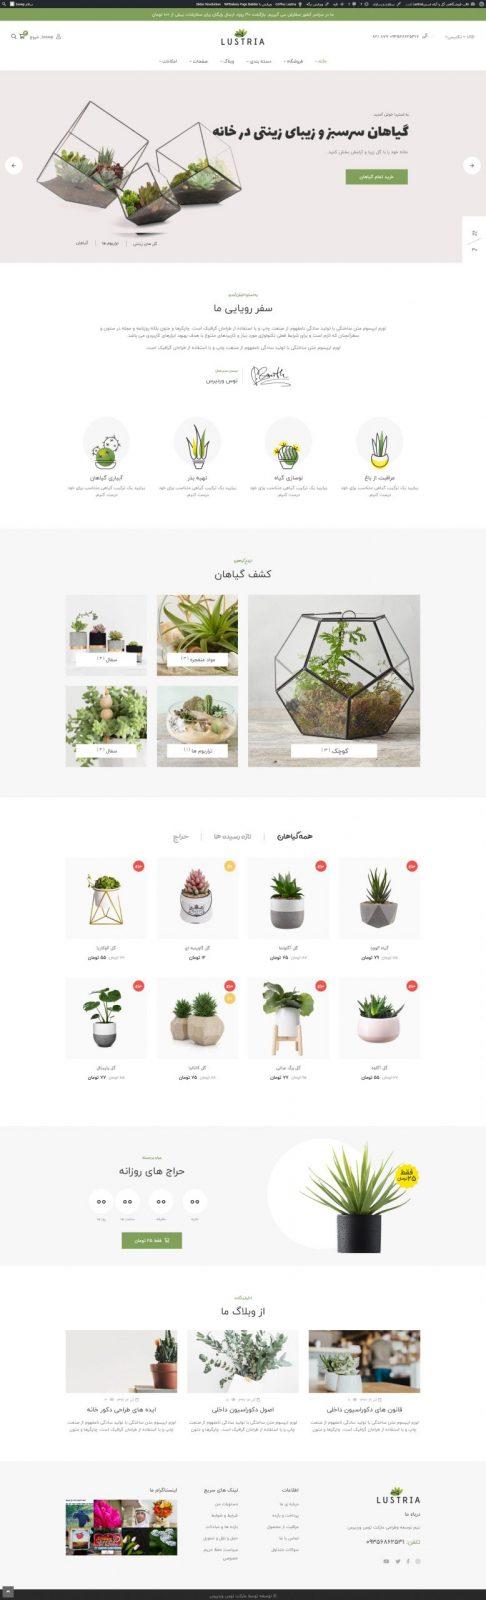 قالب فروشگاهی گل و گیاه Lustria  لستریا